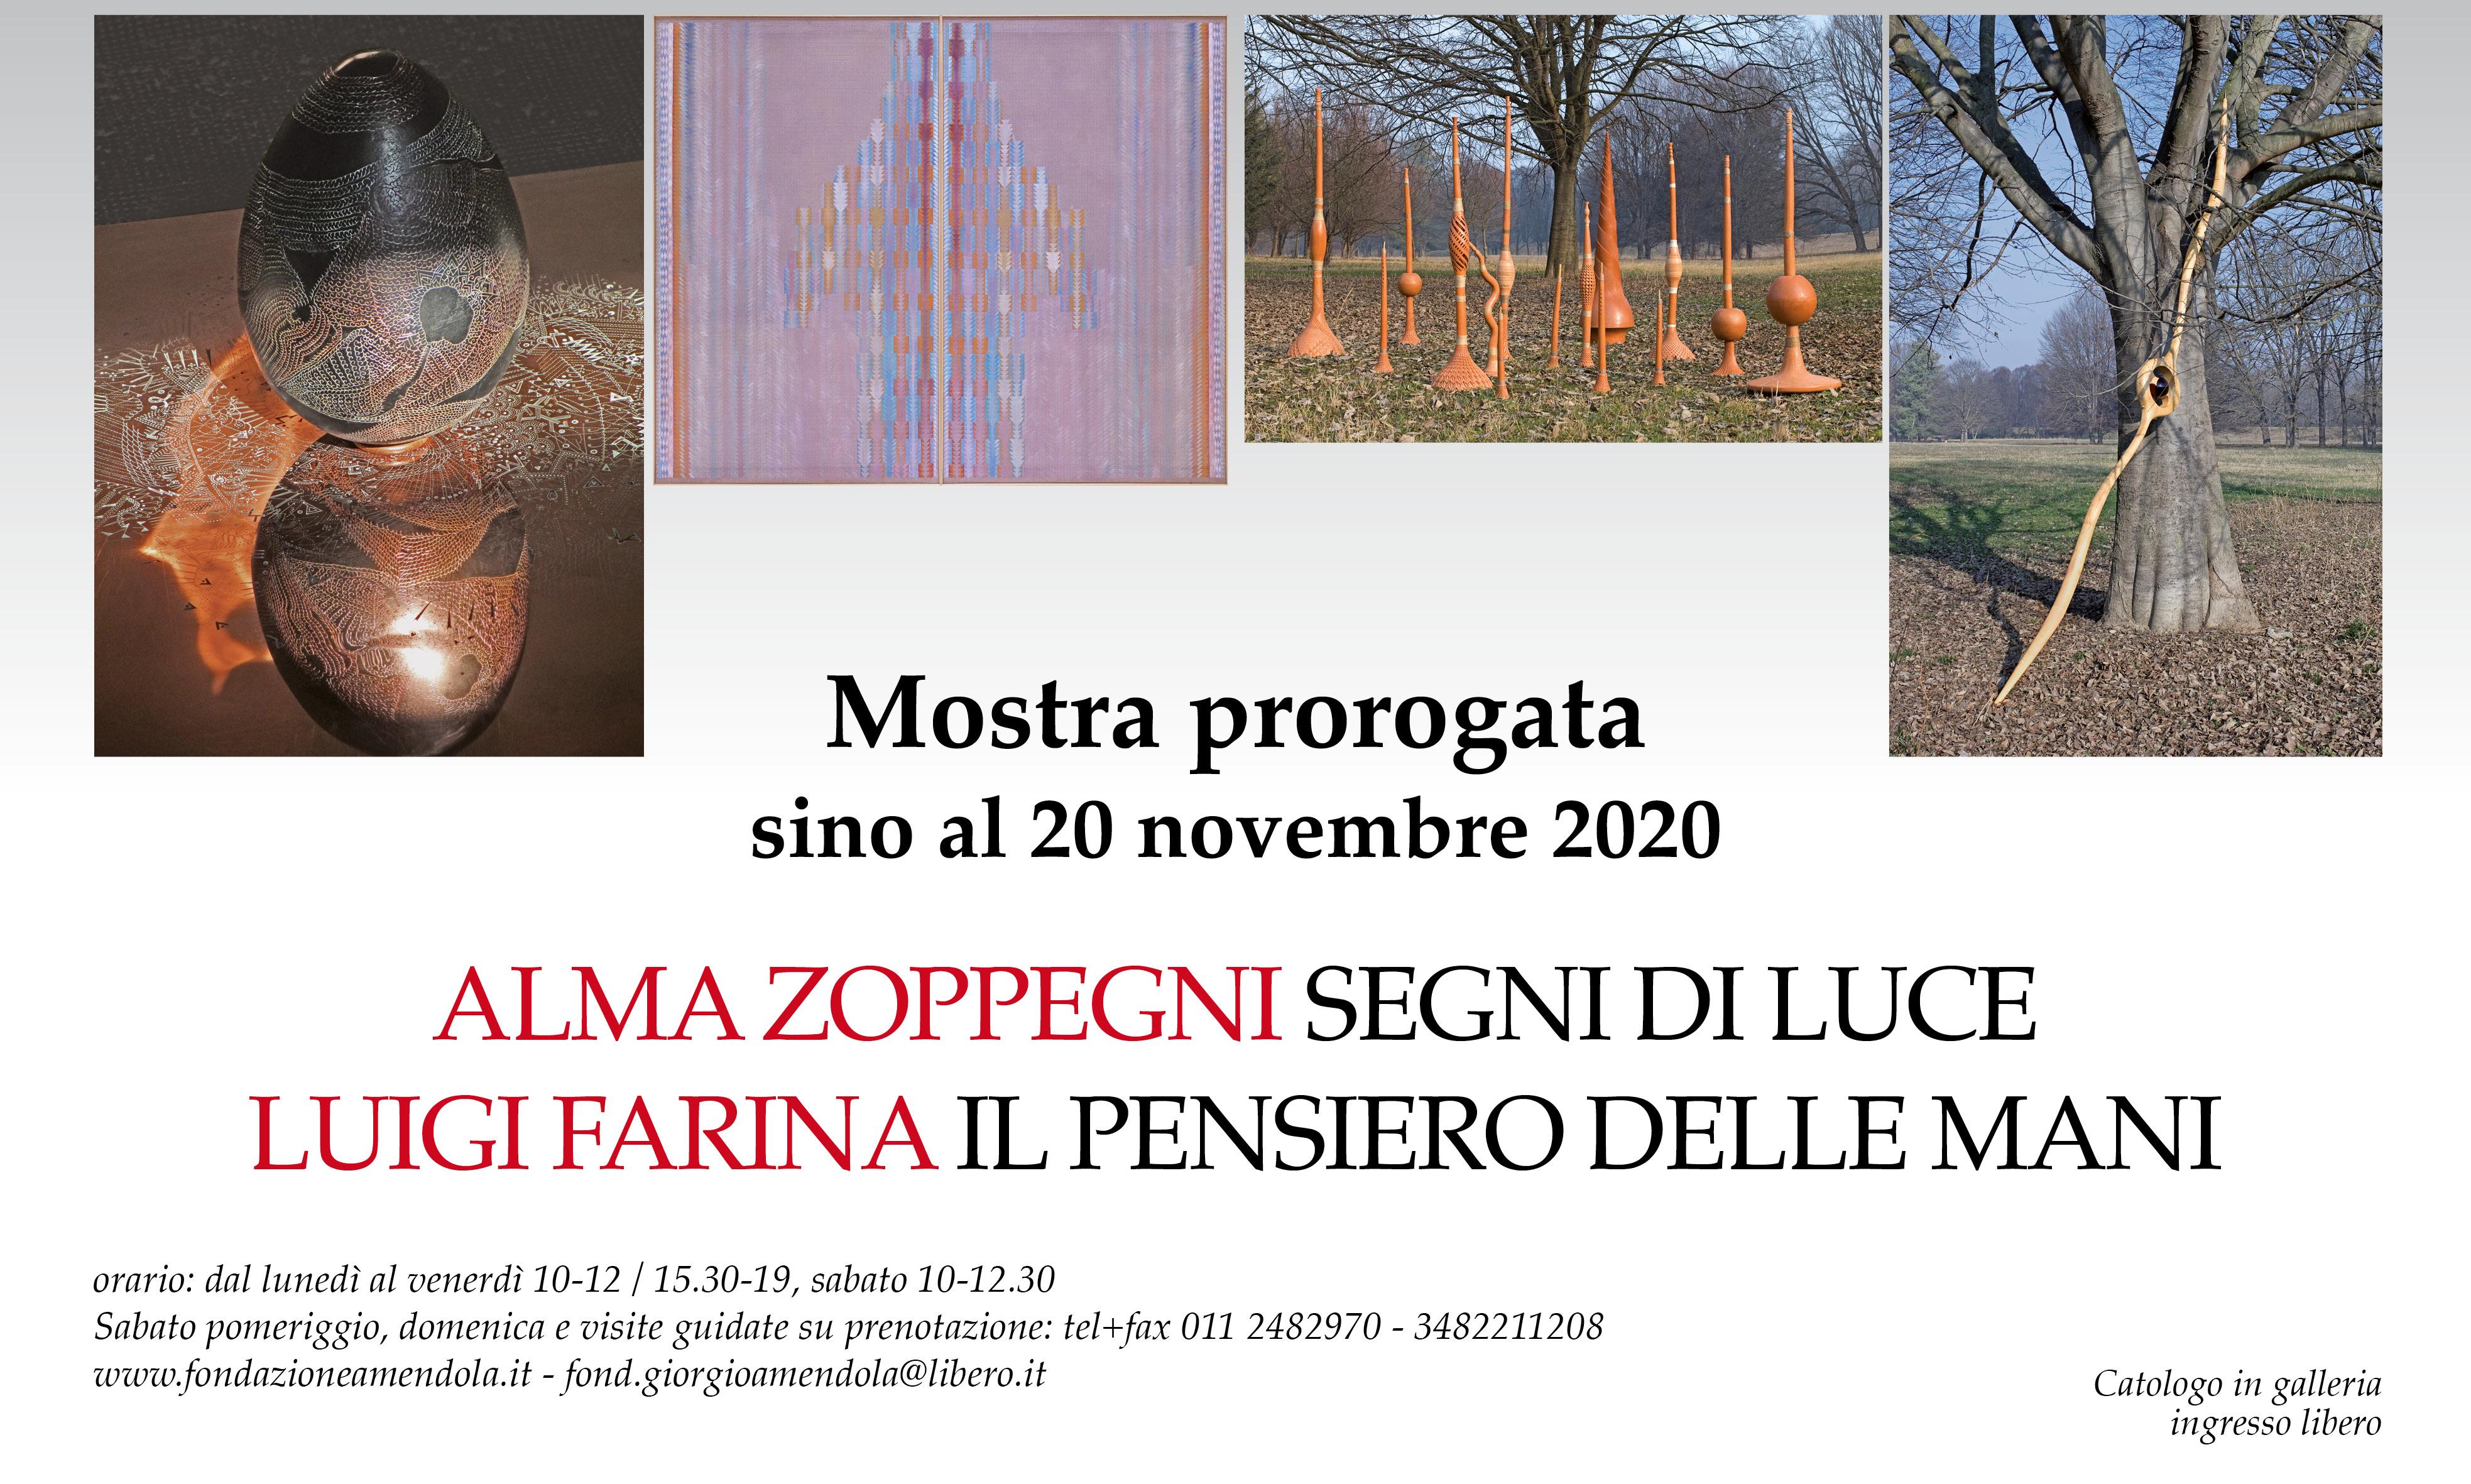 PROROGATA Mostra D'arte: Alma Zoppegni E Luigi Farina